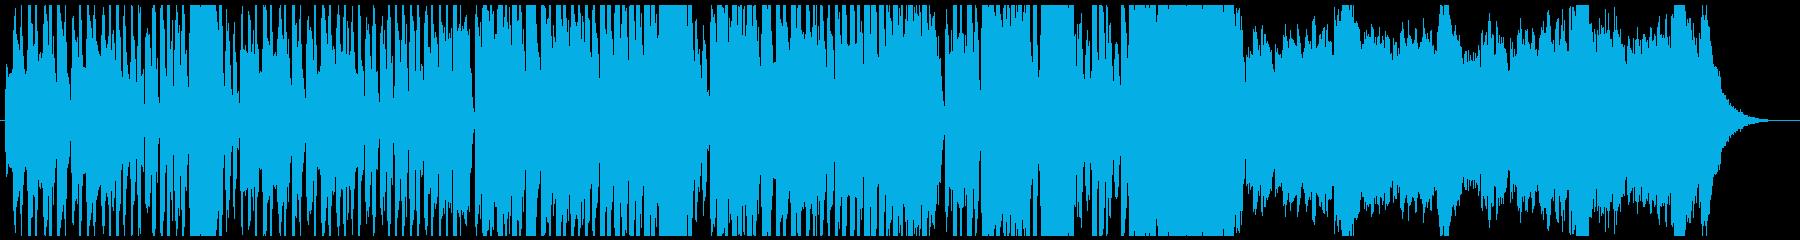 ハロウィン・かわいいホラー曲の再生済みの波形